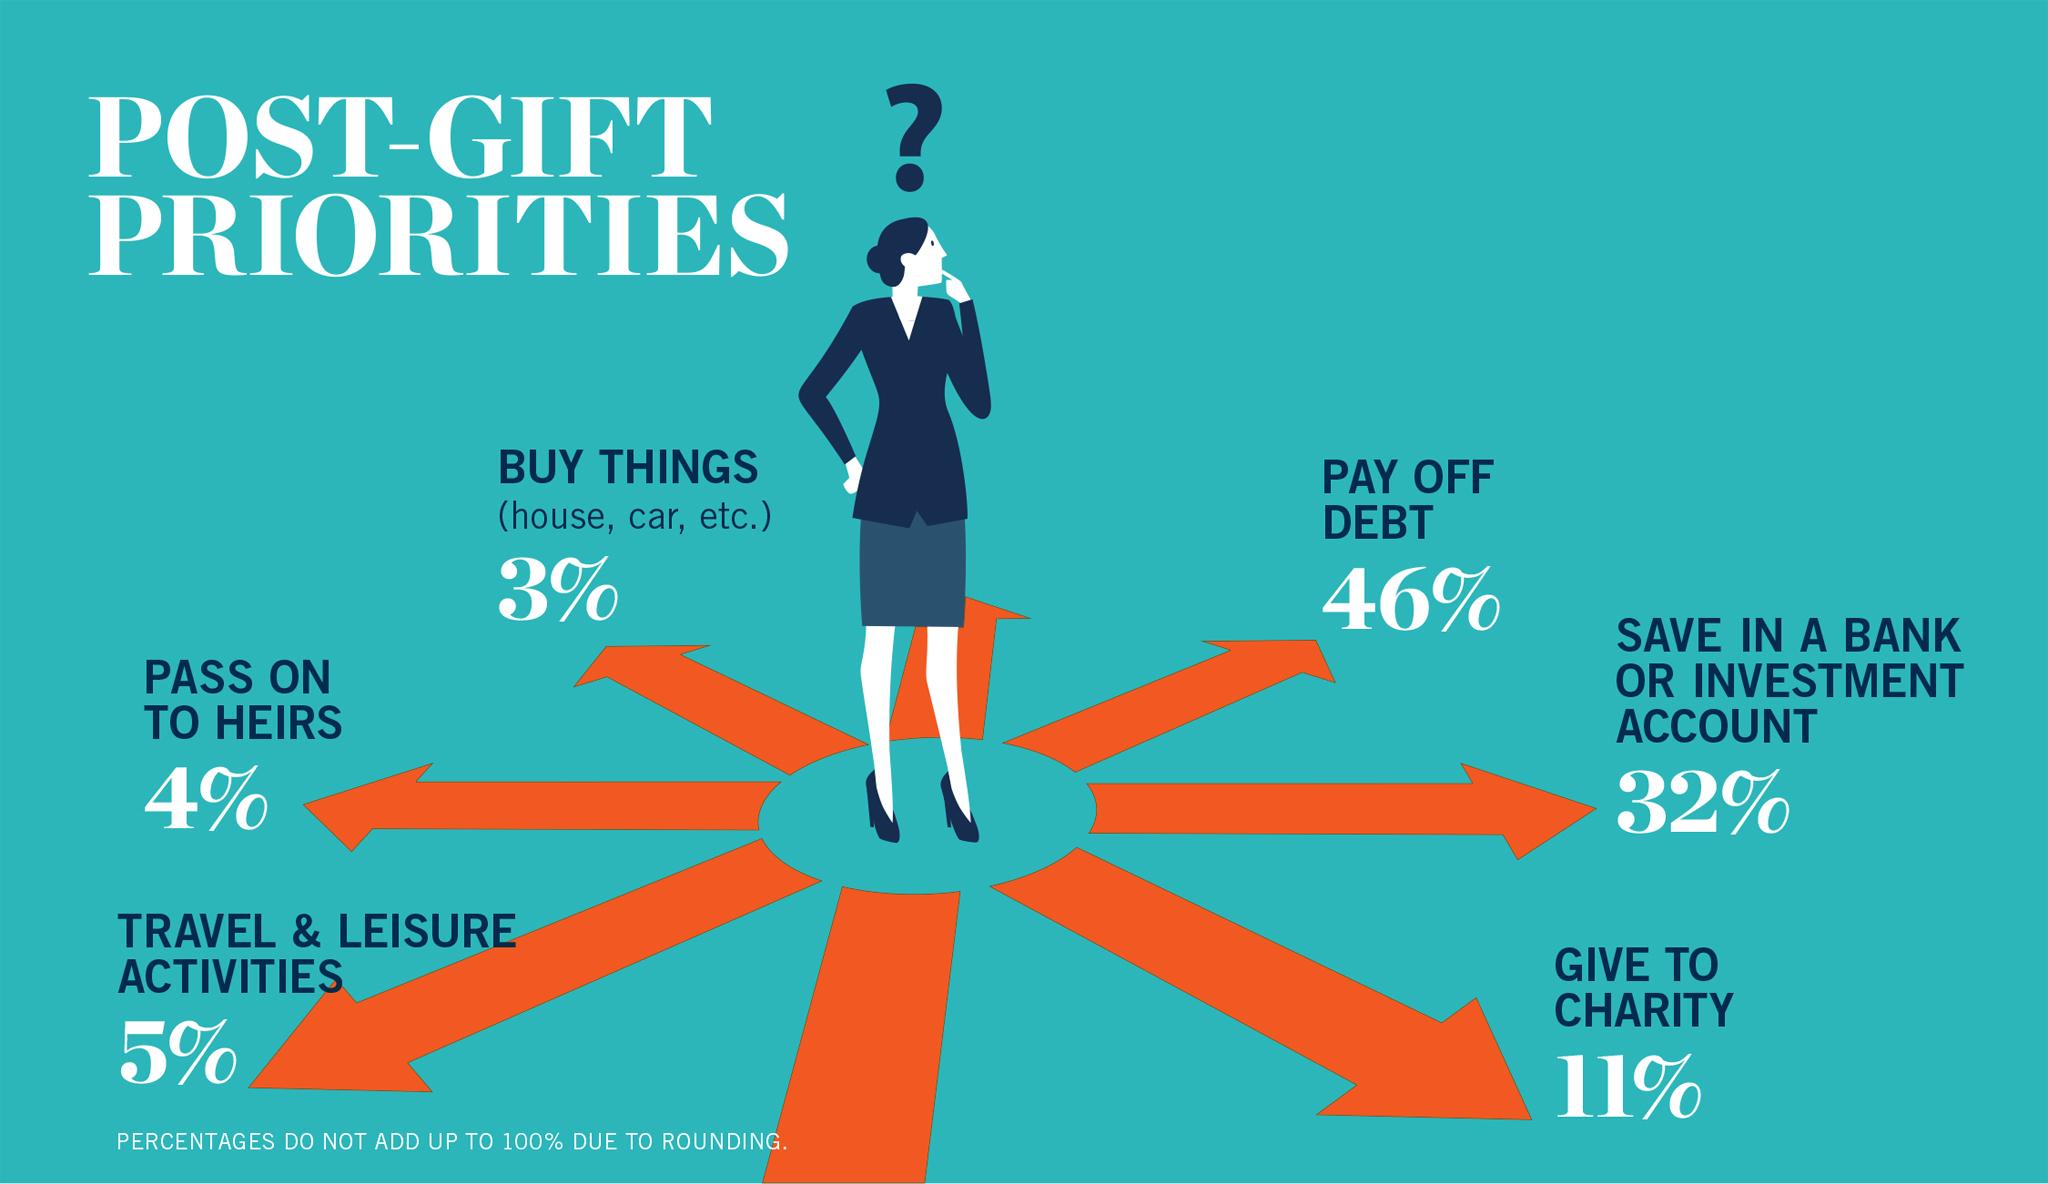 Infografía de Prioridades posteriores a la donación